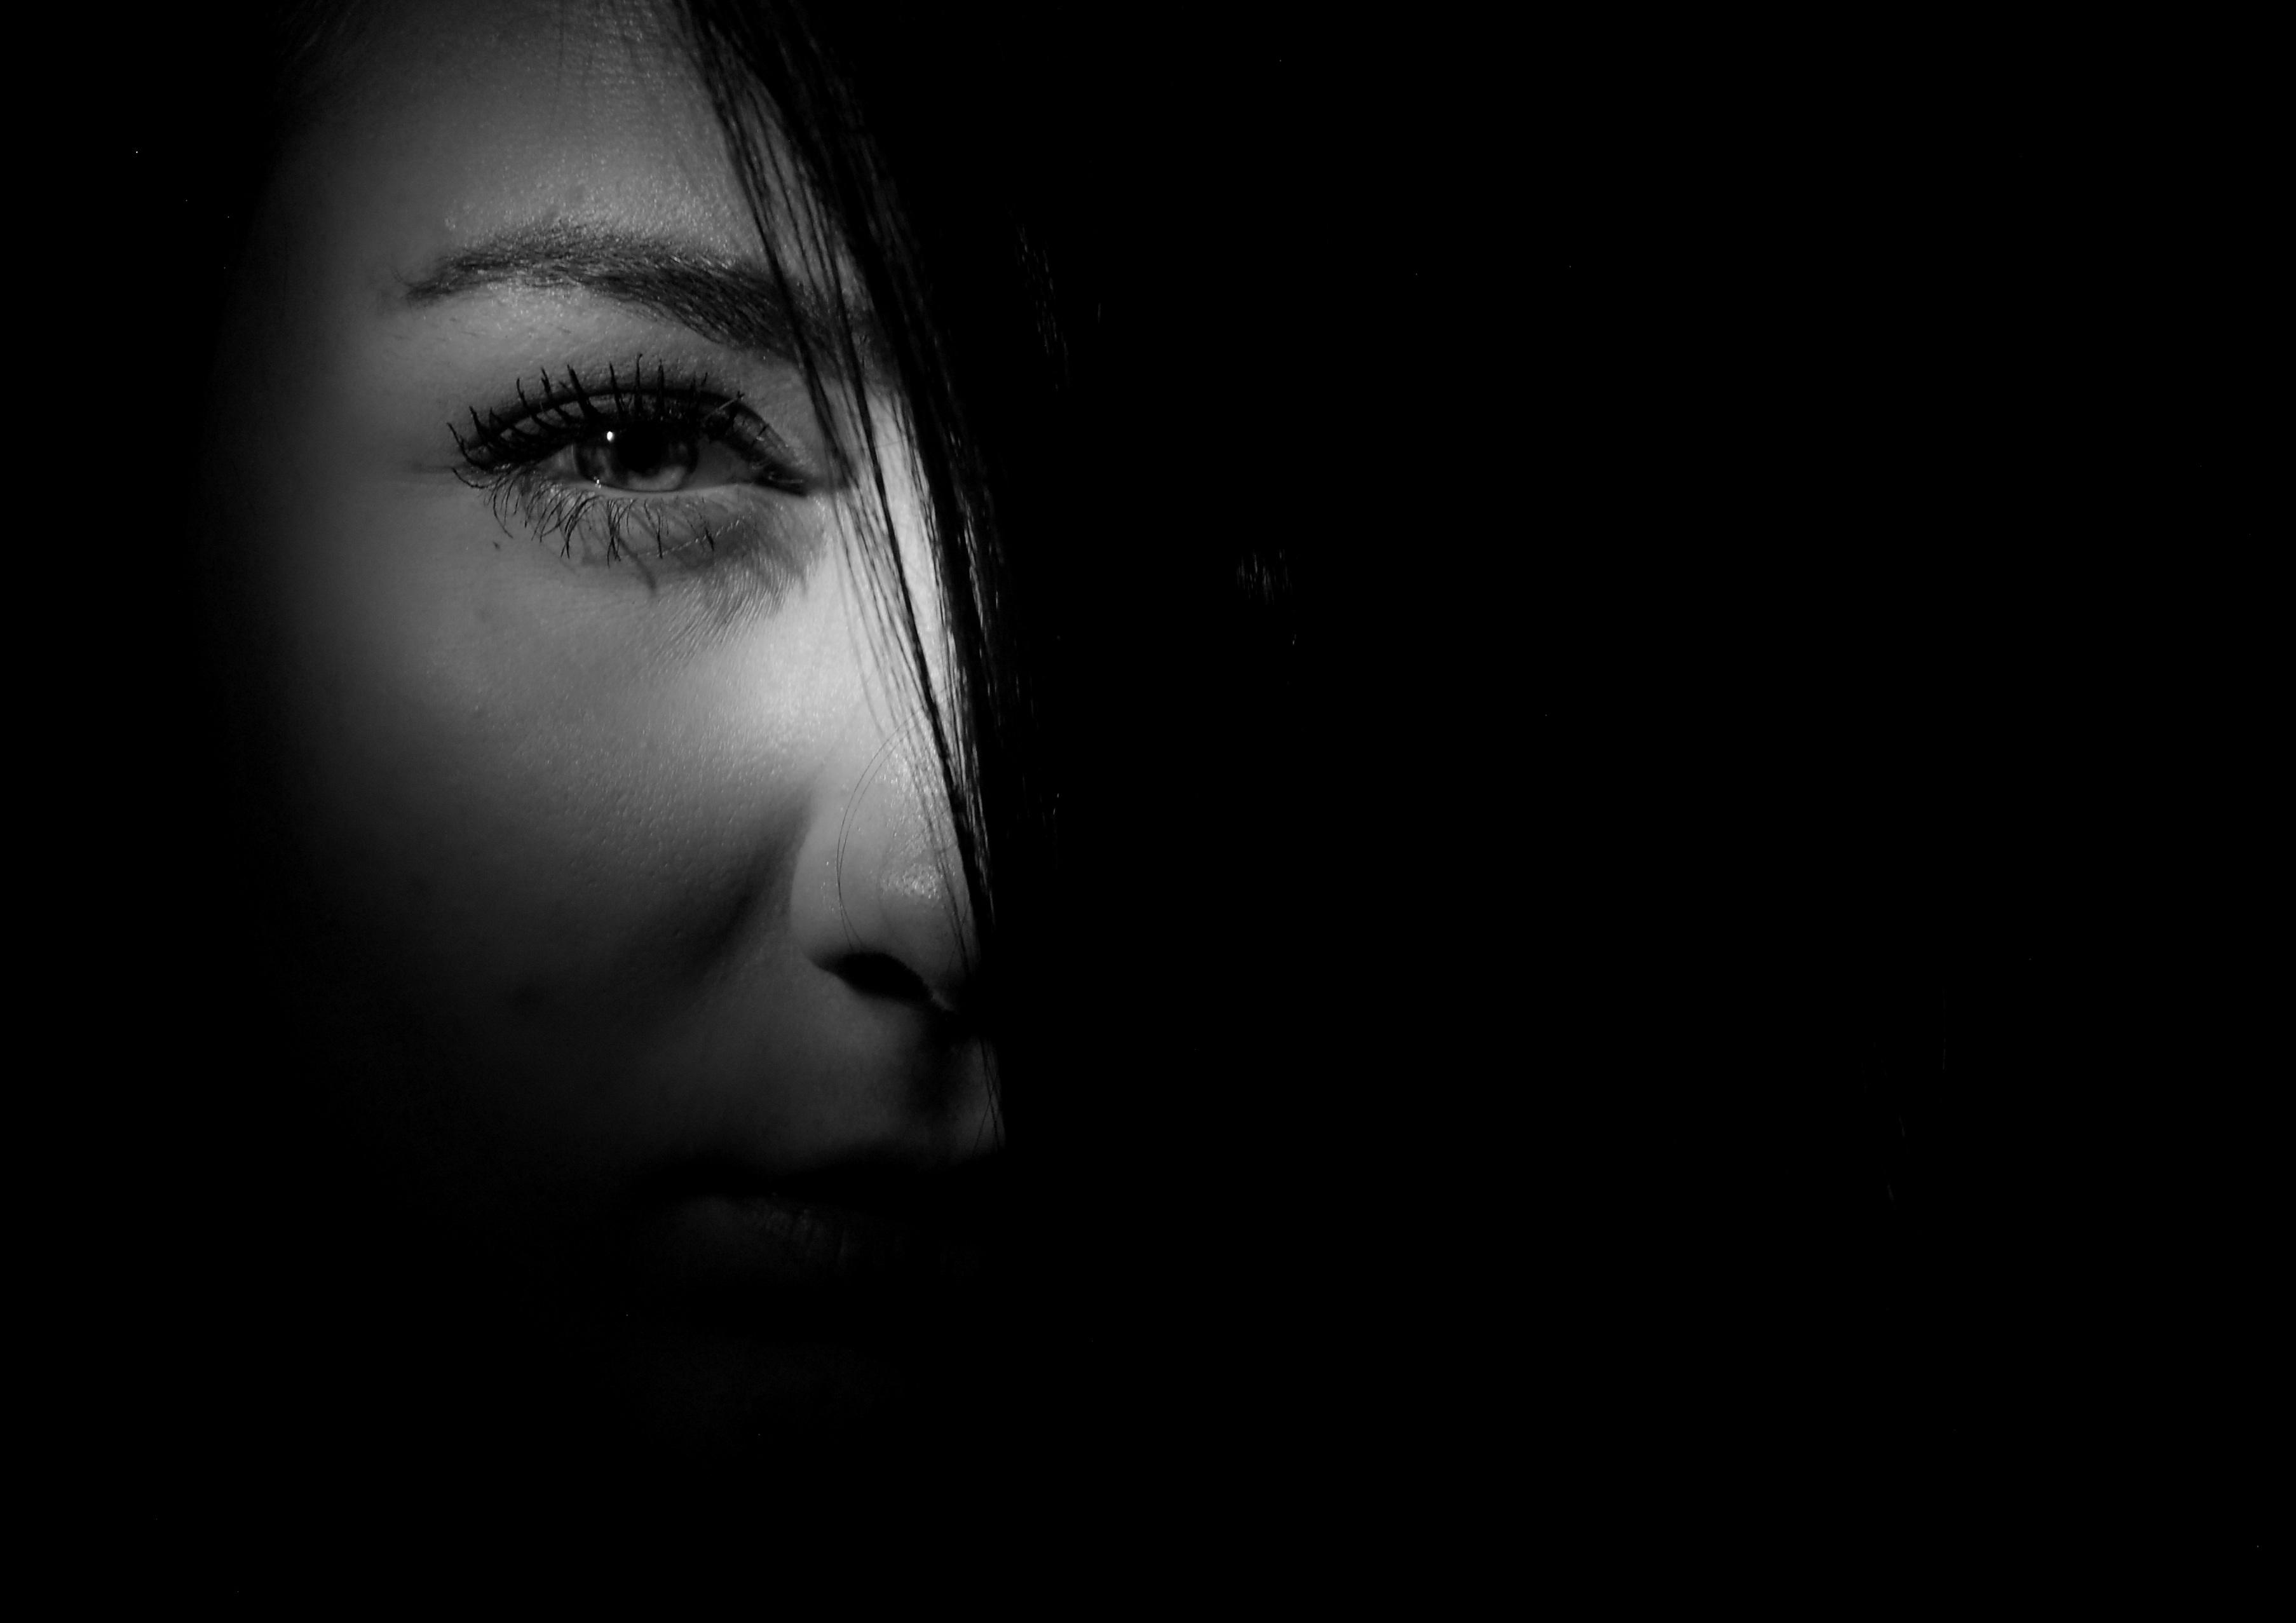 eye-shading-head-girl.jpg (3613×2554)